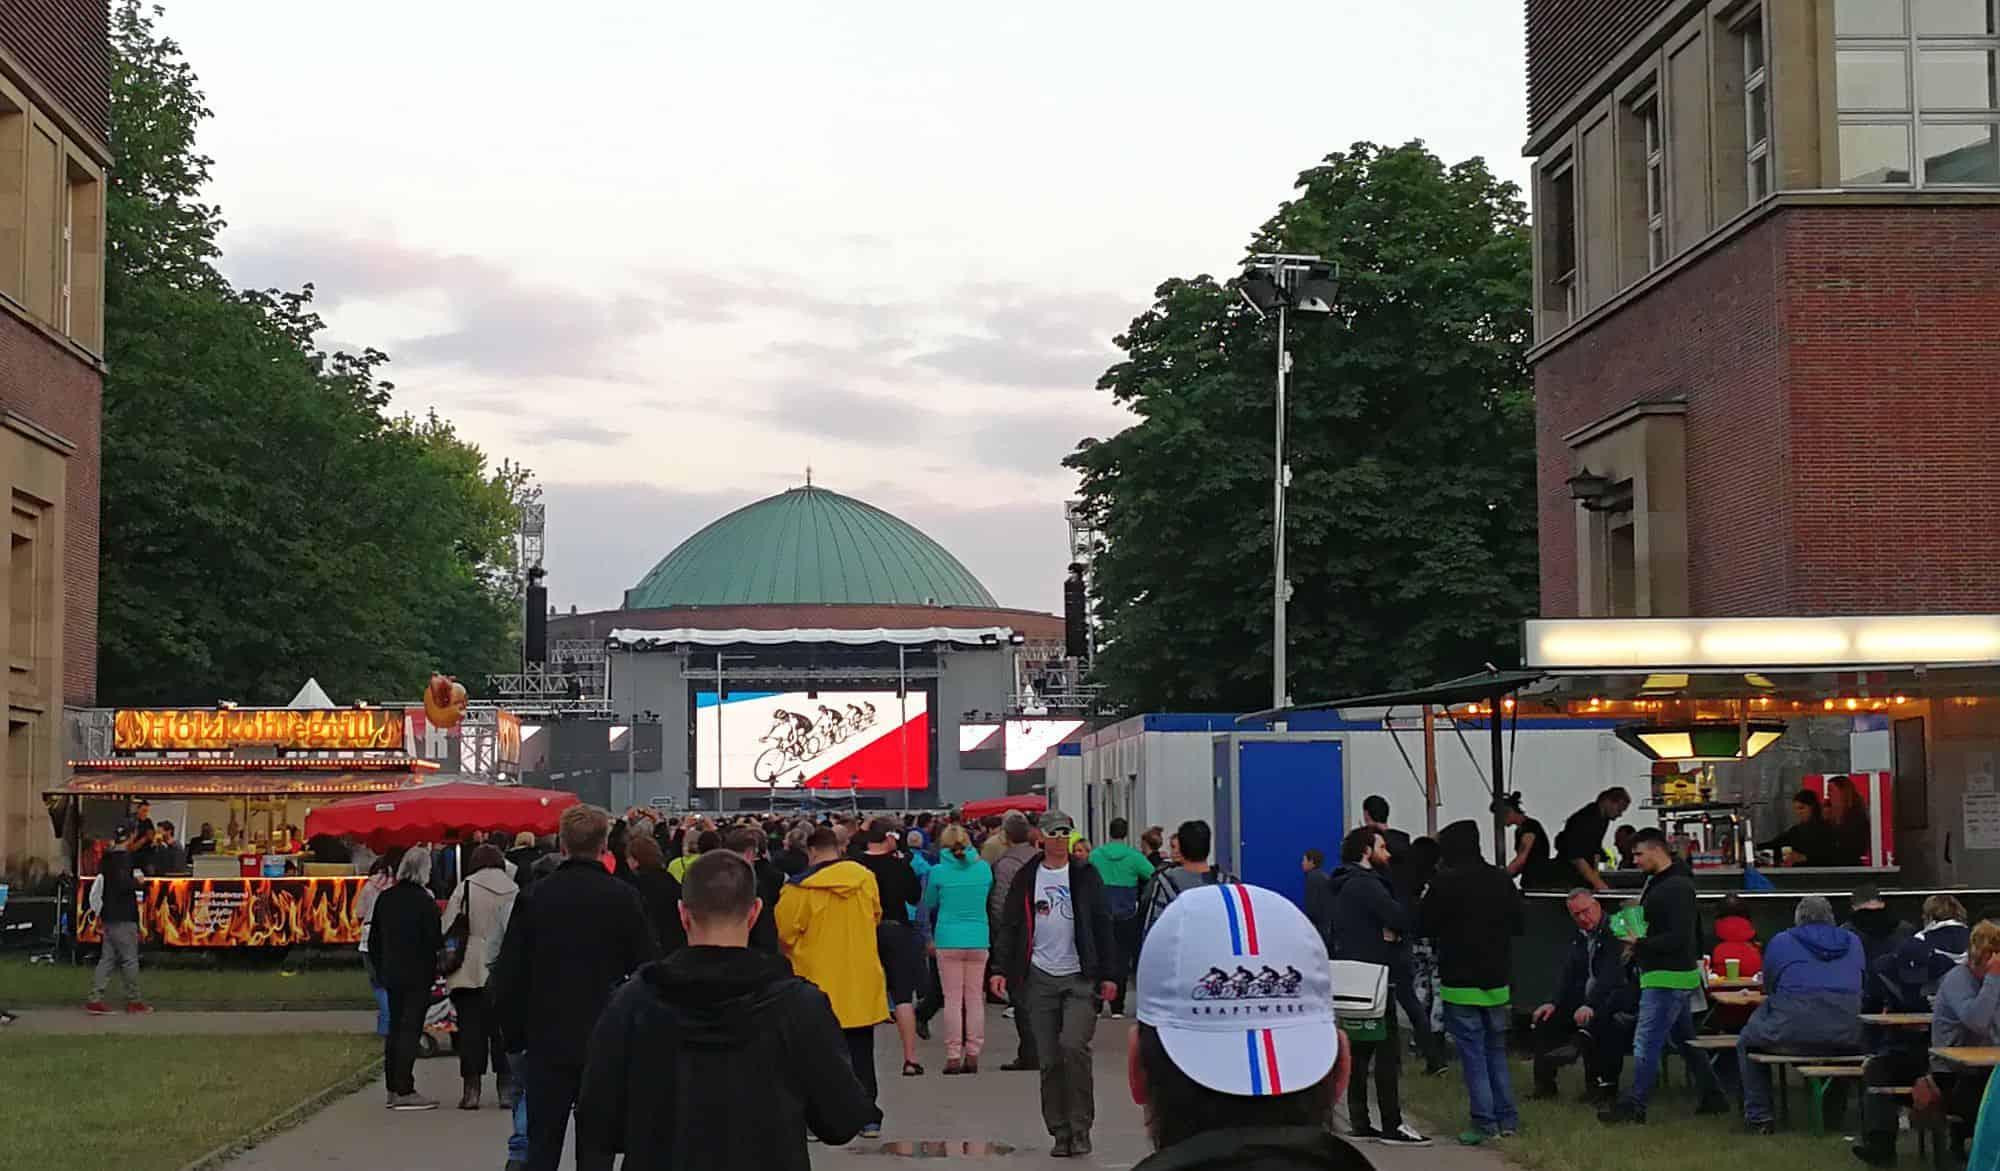 Juli 2017: Kraftwerk ohne Florian Schneider, aber wenigstens mit Fahrrad